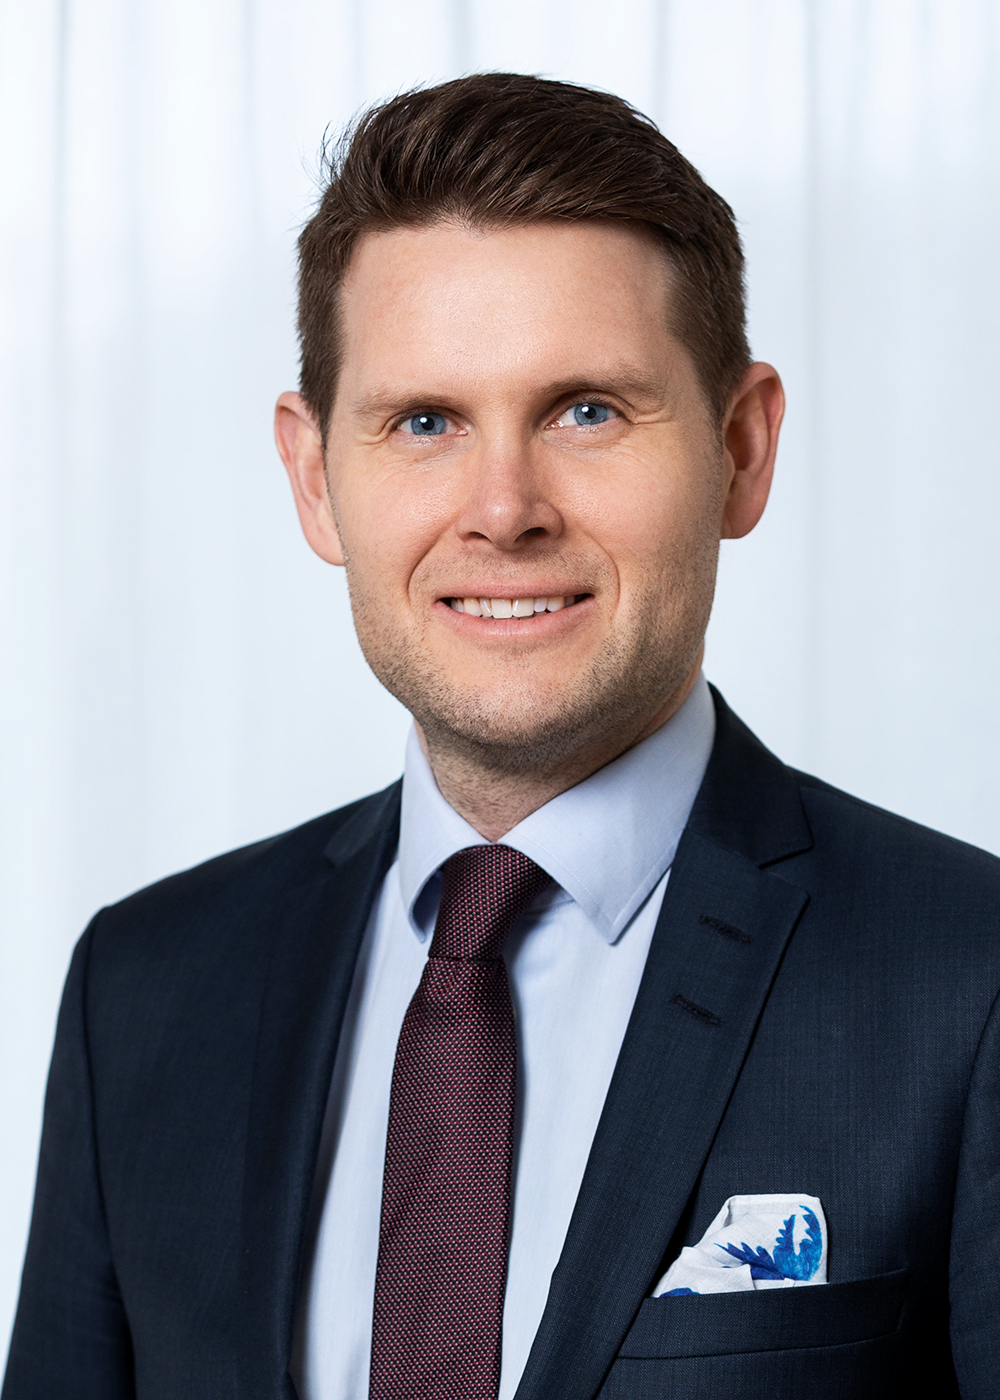 Stefan Lautmann